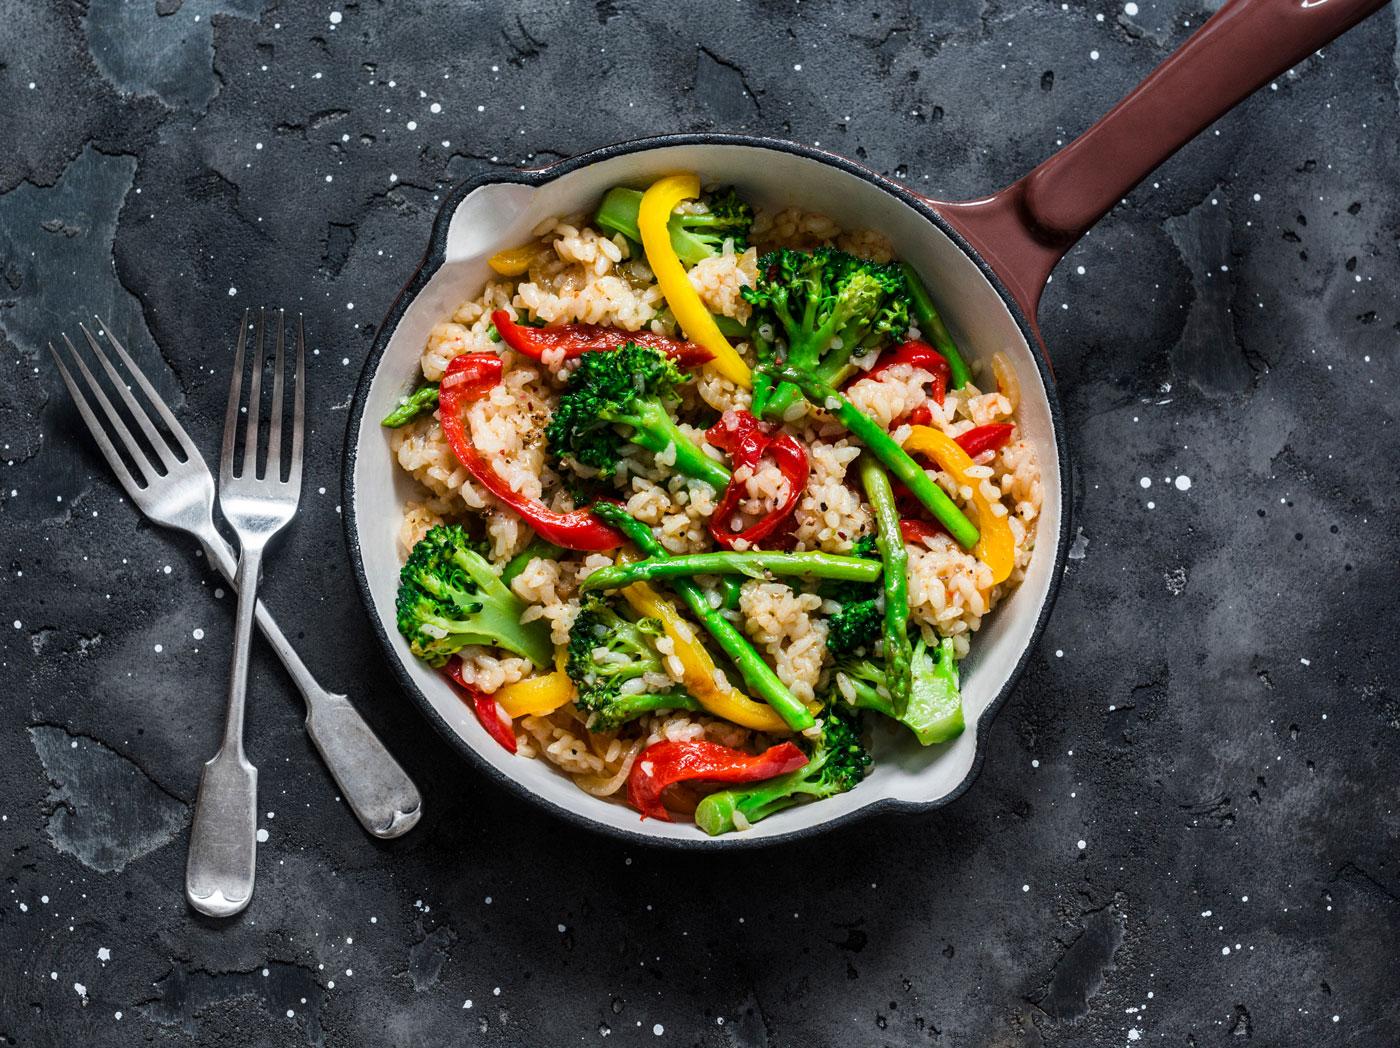 Draufsicht auf eine Pfanne mit dem vegetarischen Gericht Gemüse und Reis